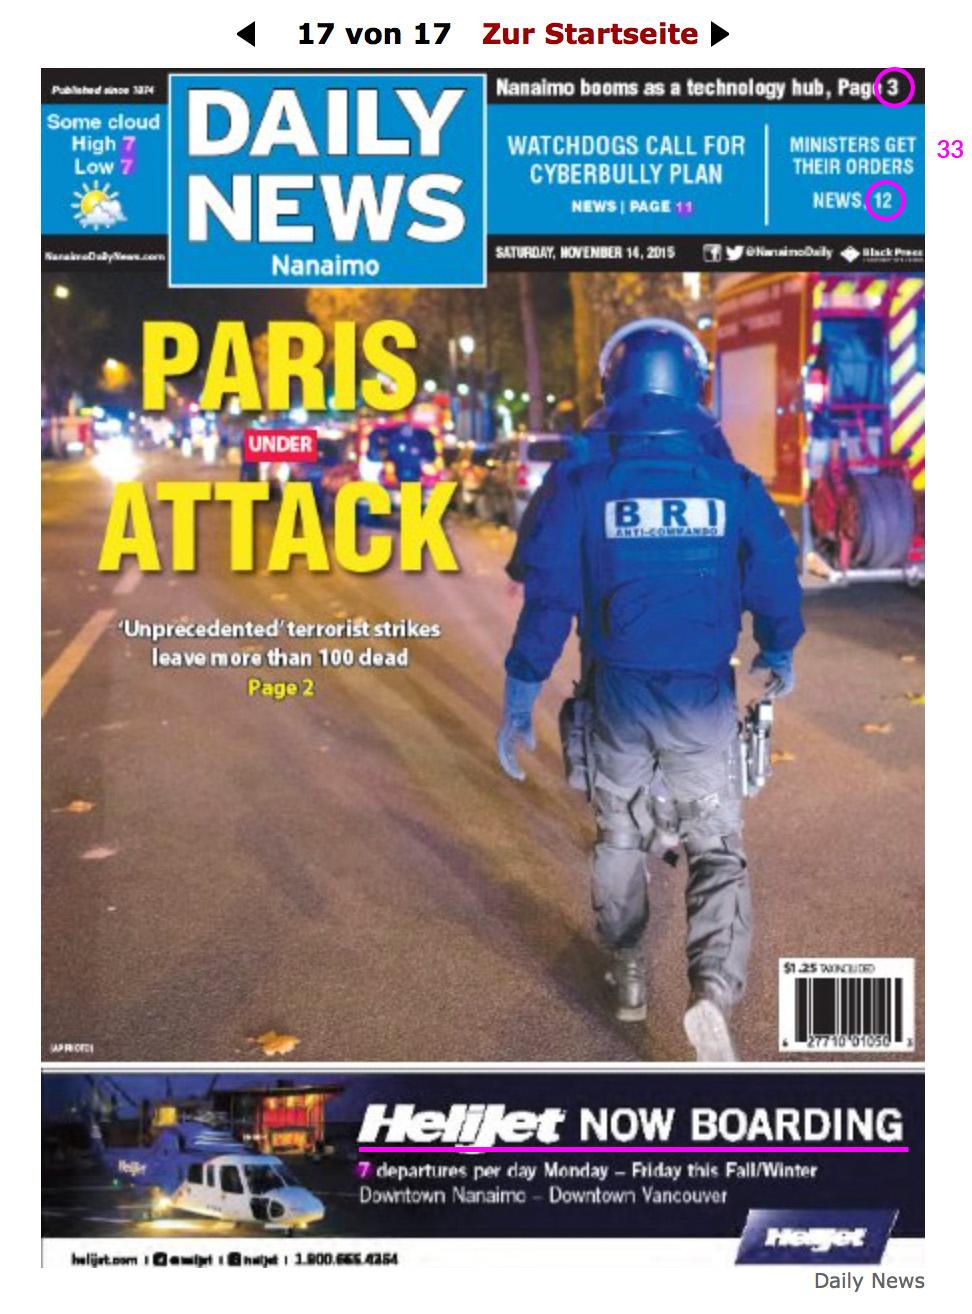 Explosion und Schießerei in Paris! Daily